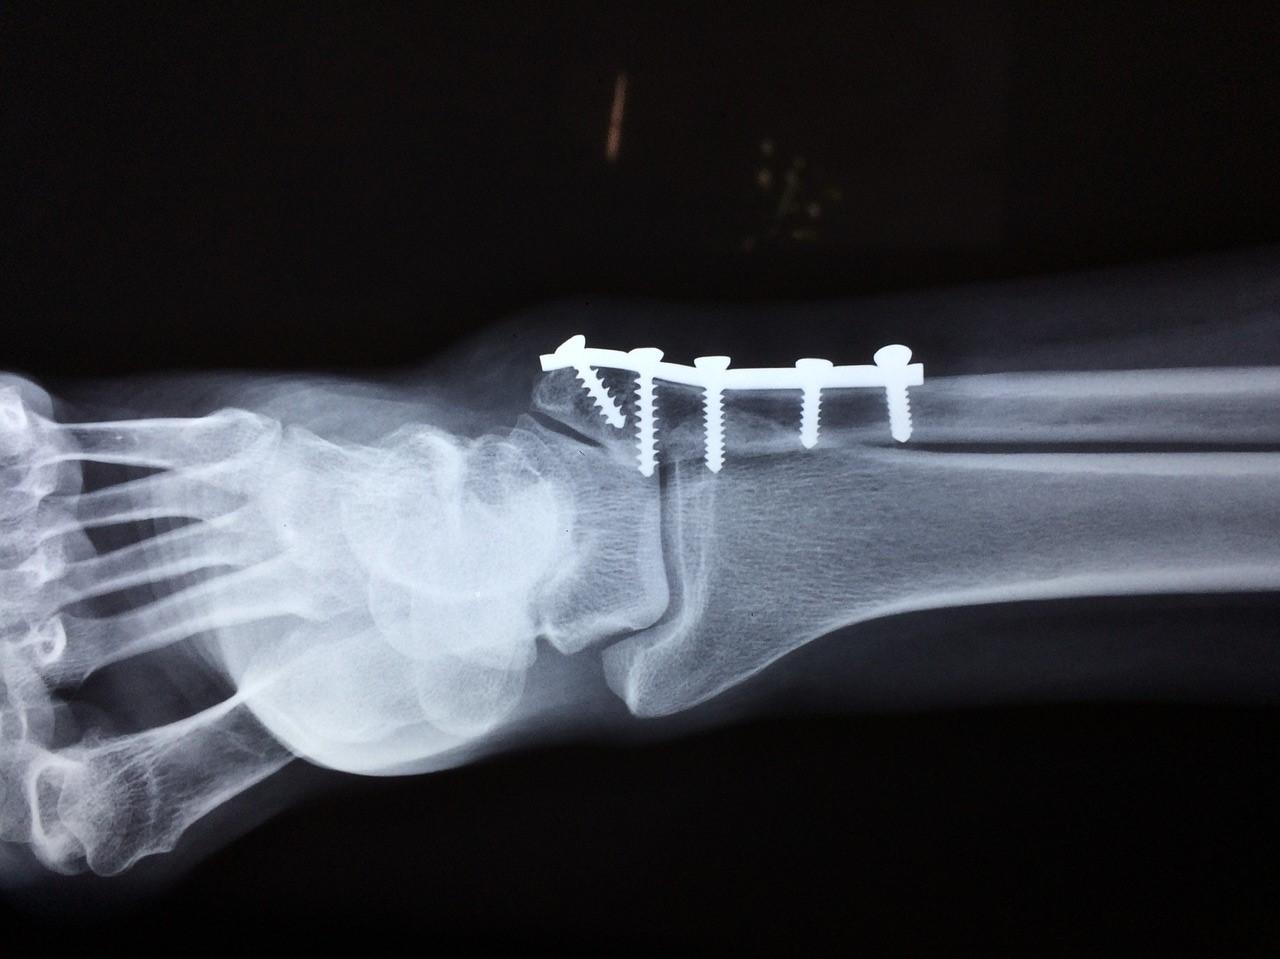 Le médecin Thomas Le Carrou parle de la chirurgie orthopédique